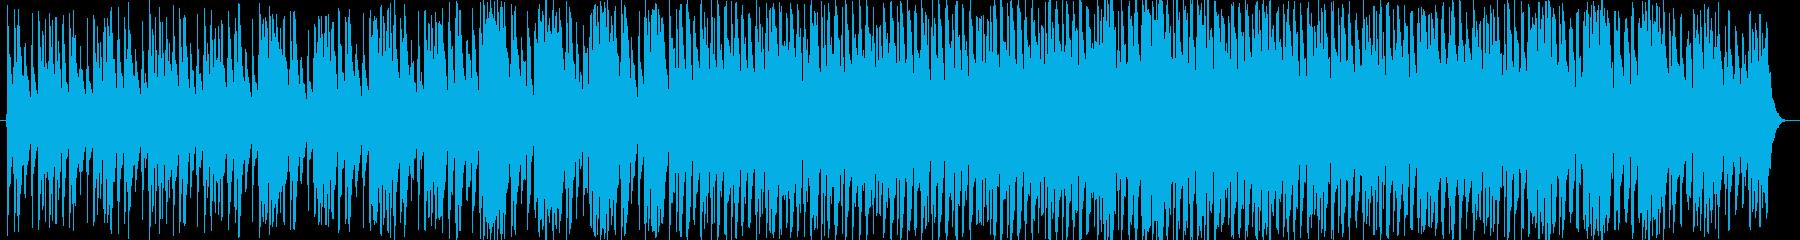 ティーン クラシック交響曲 可愛い...の再生済みの波形